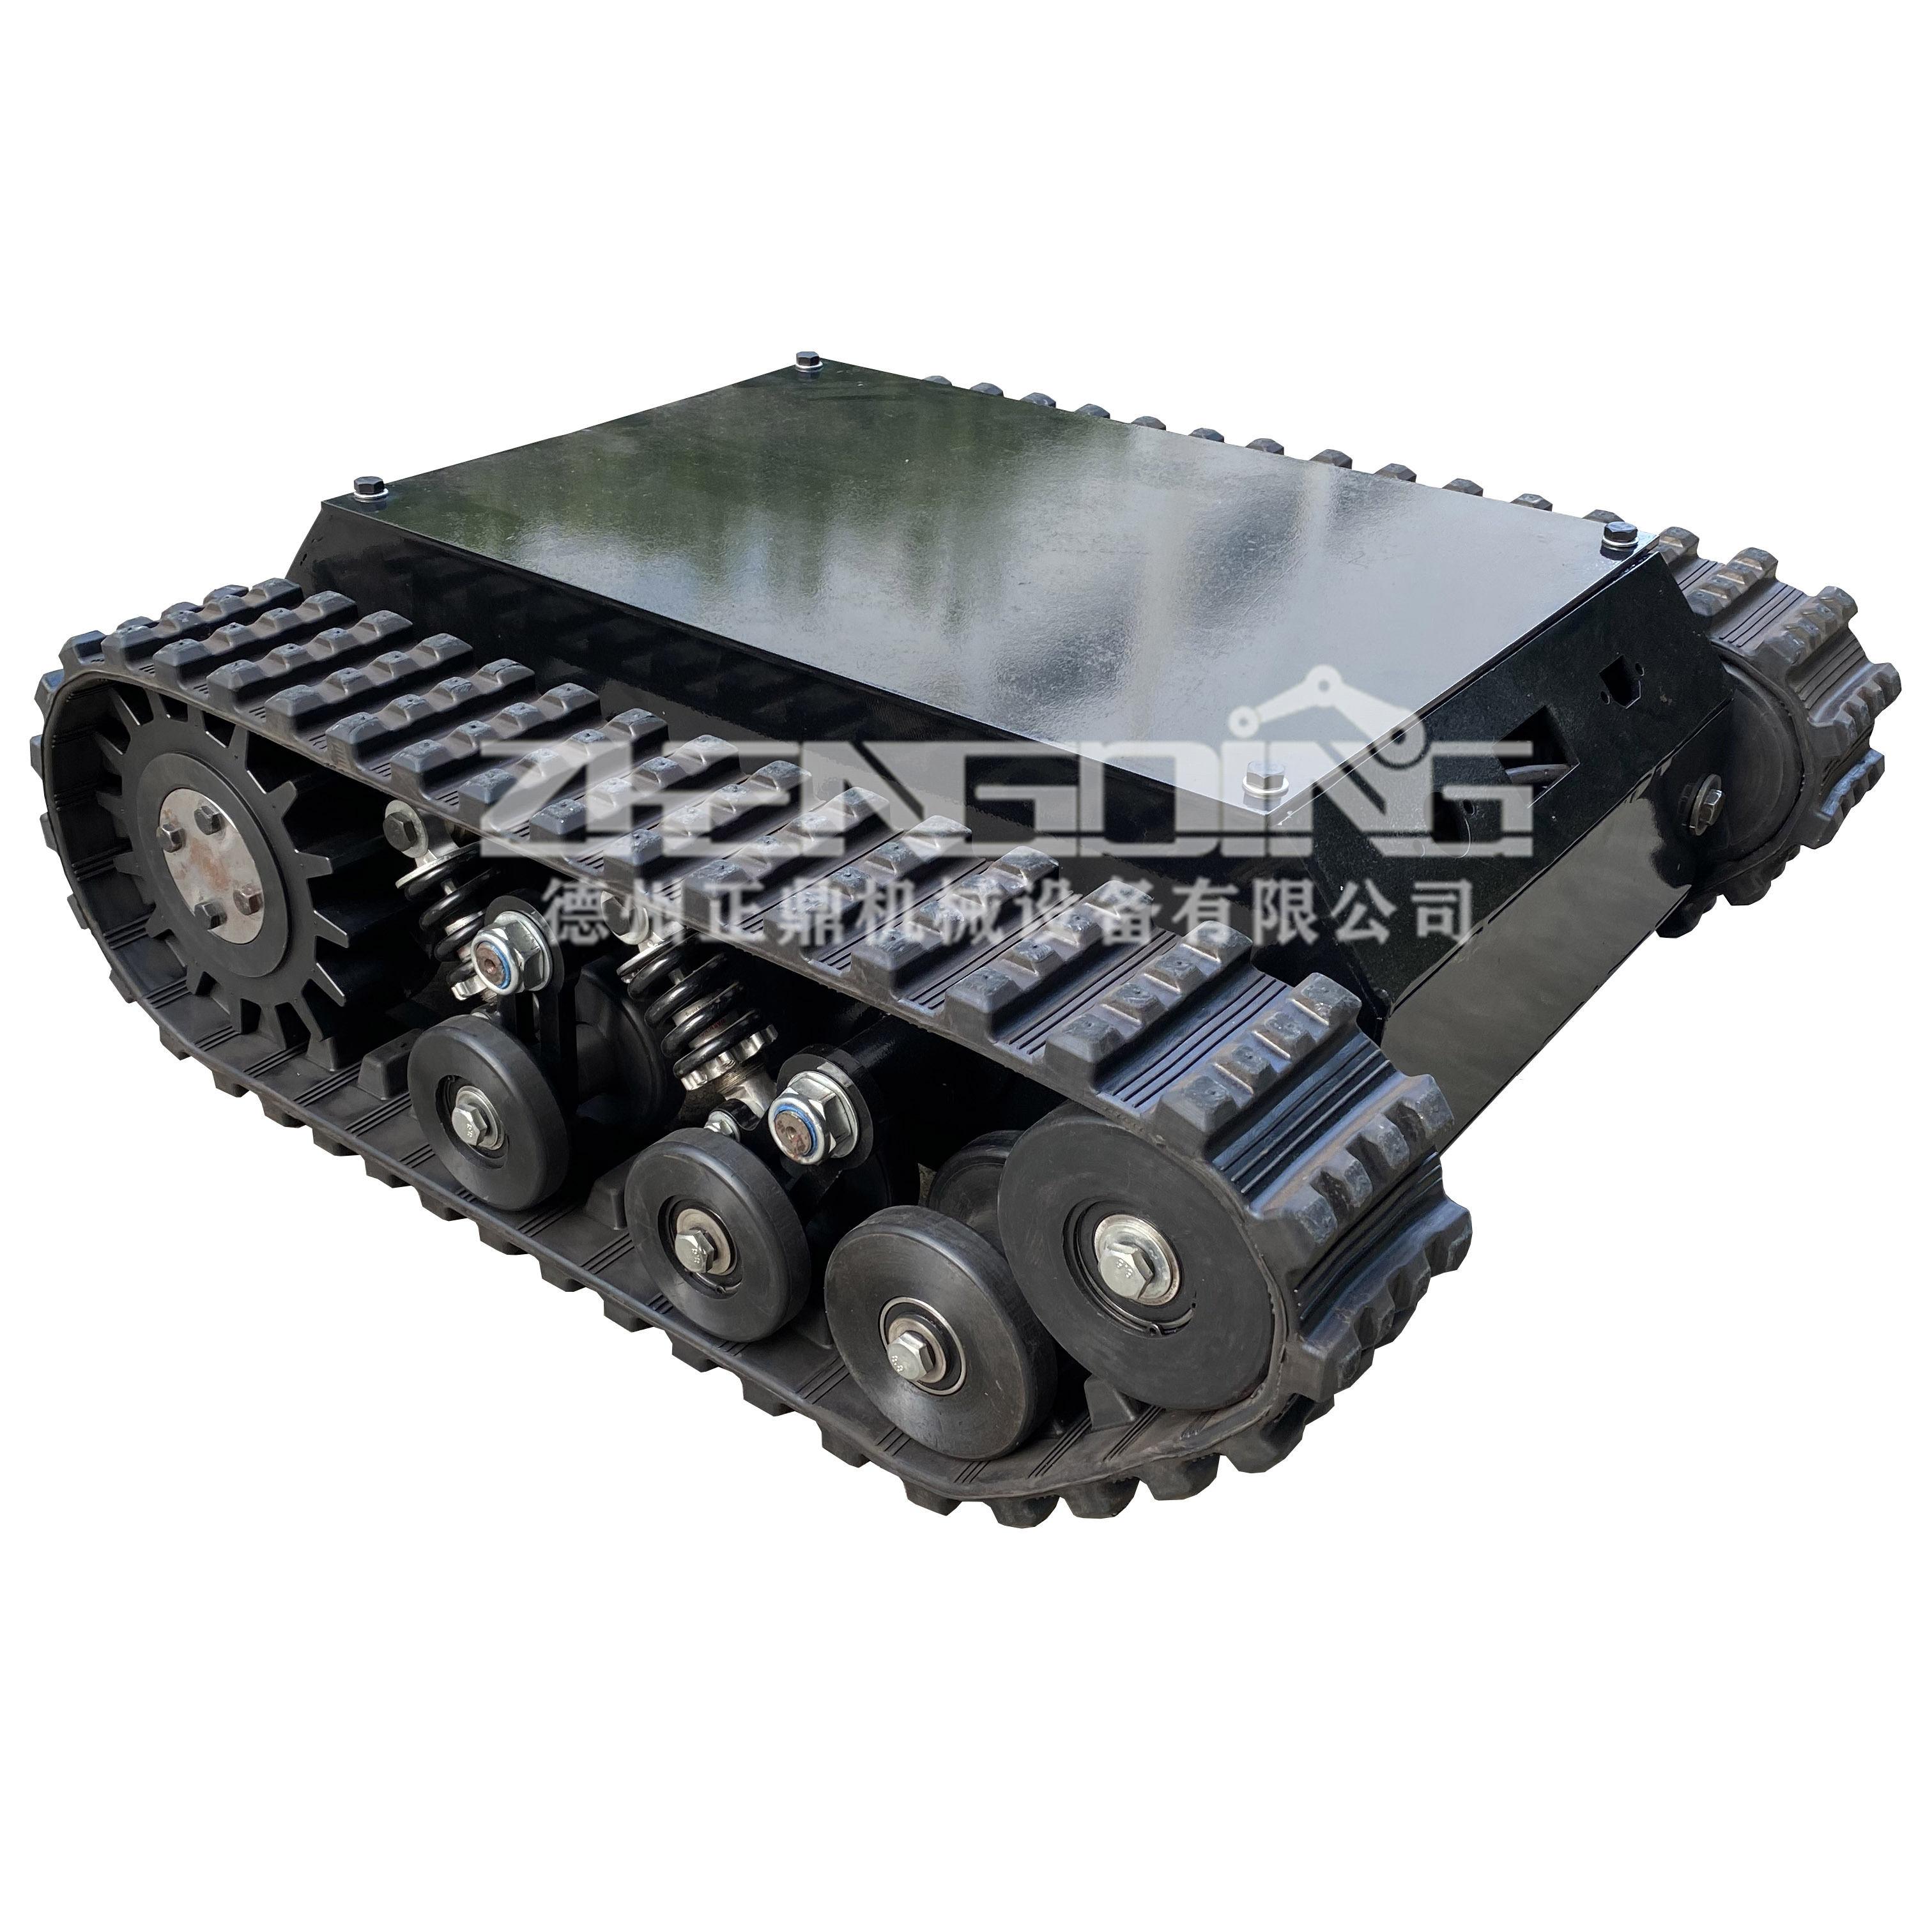 ZDDP-ZGNY-100橡胶履带底盘